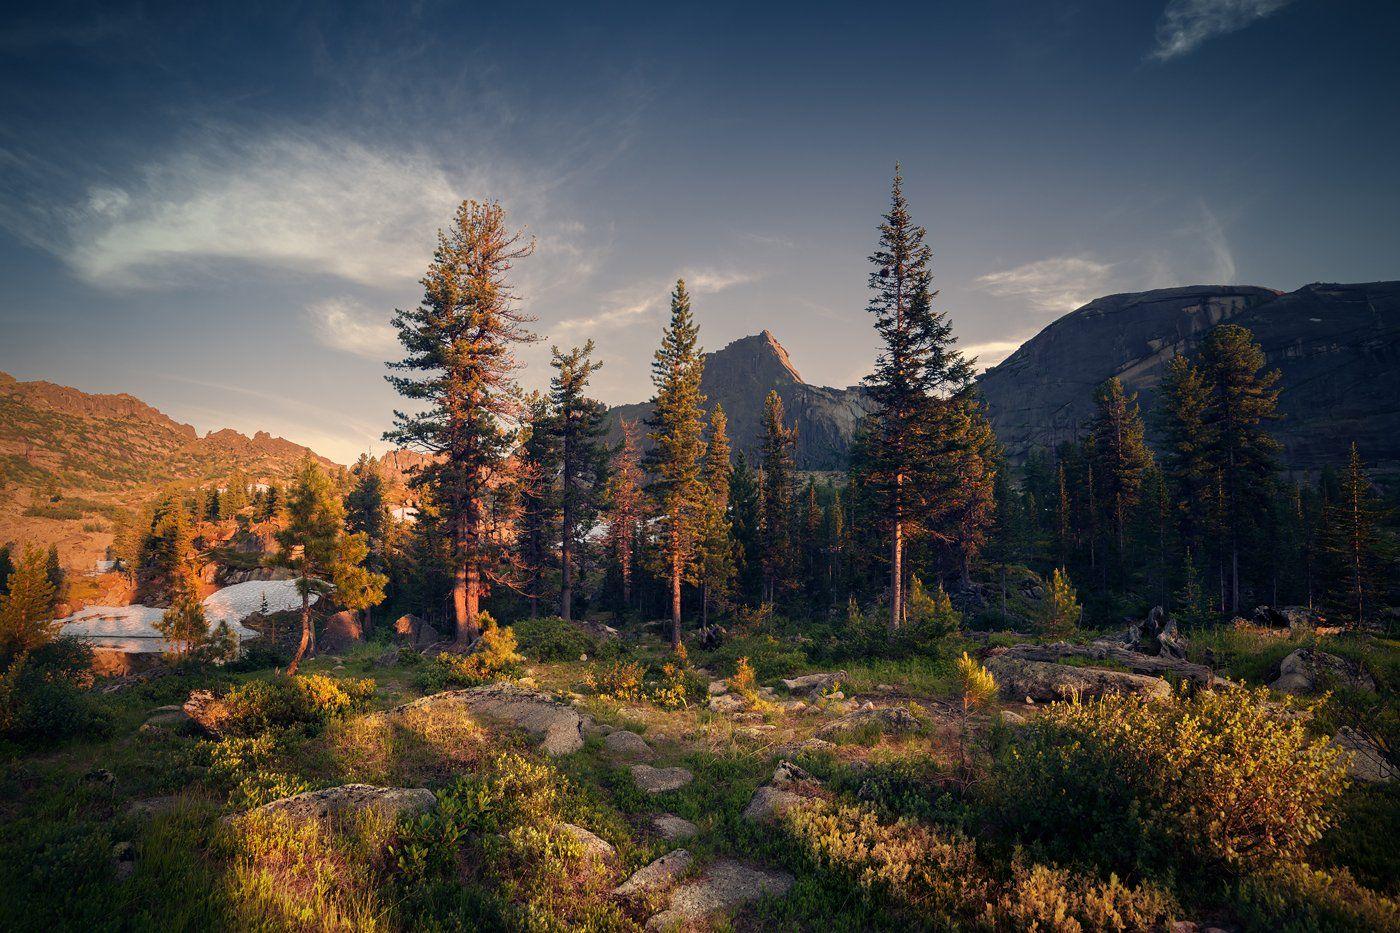 пейзаж, природа, вечер, деревья, озеро, горы, скалы, камни, теплый, большой, высокий, красивая, красноярский, край, хребет, ергаки, сибирь, саяны, лазурное, Дмитрий Антипов